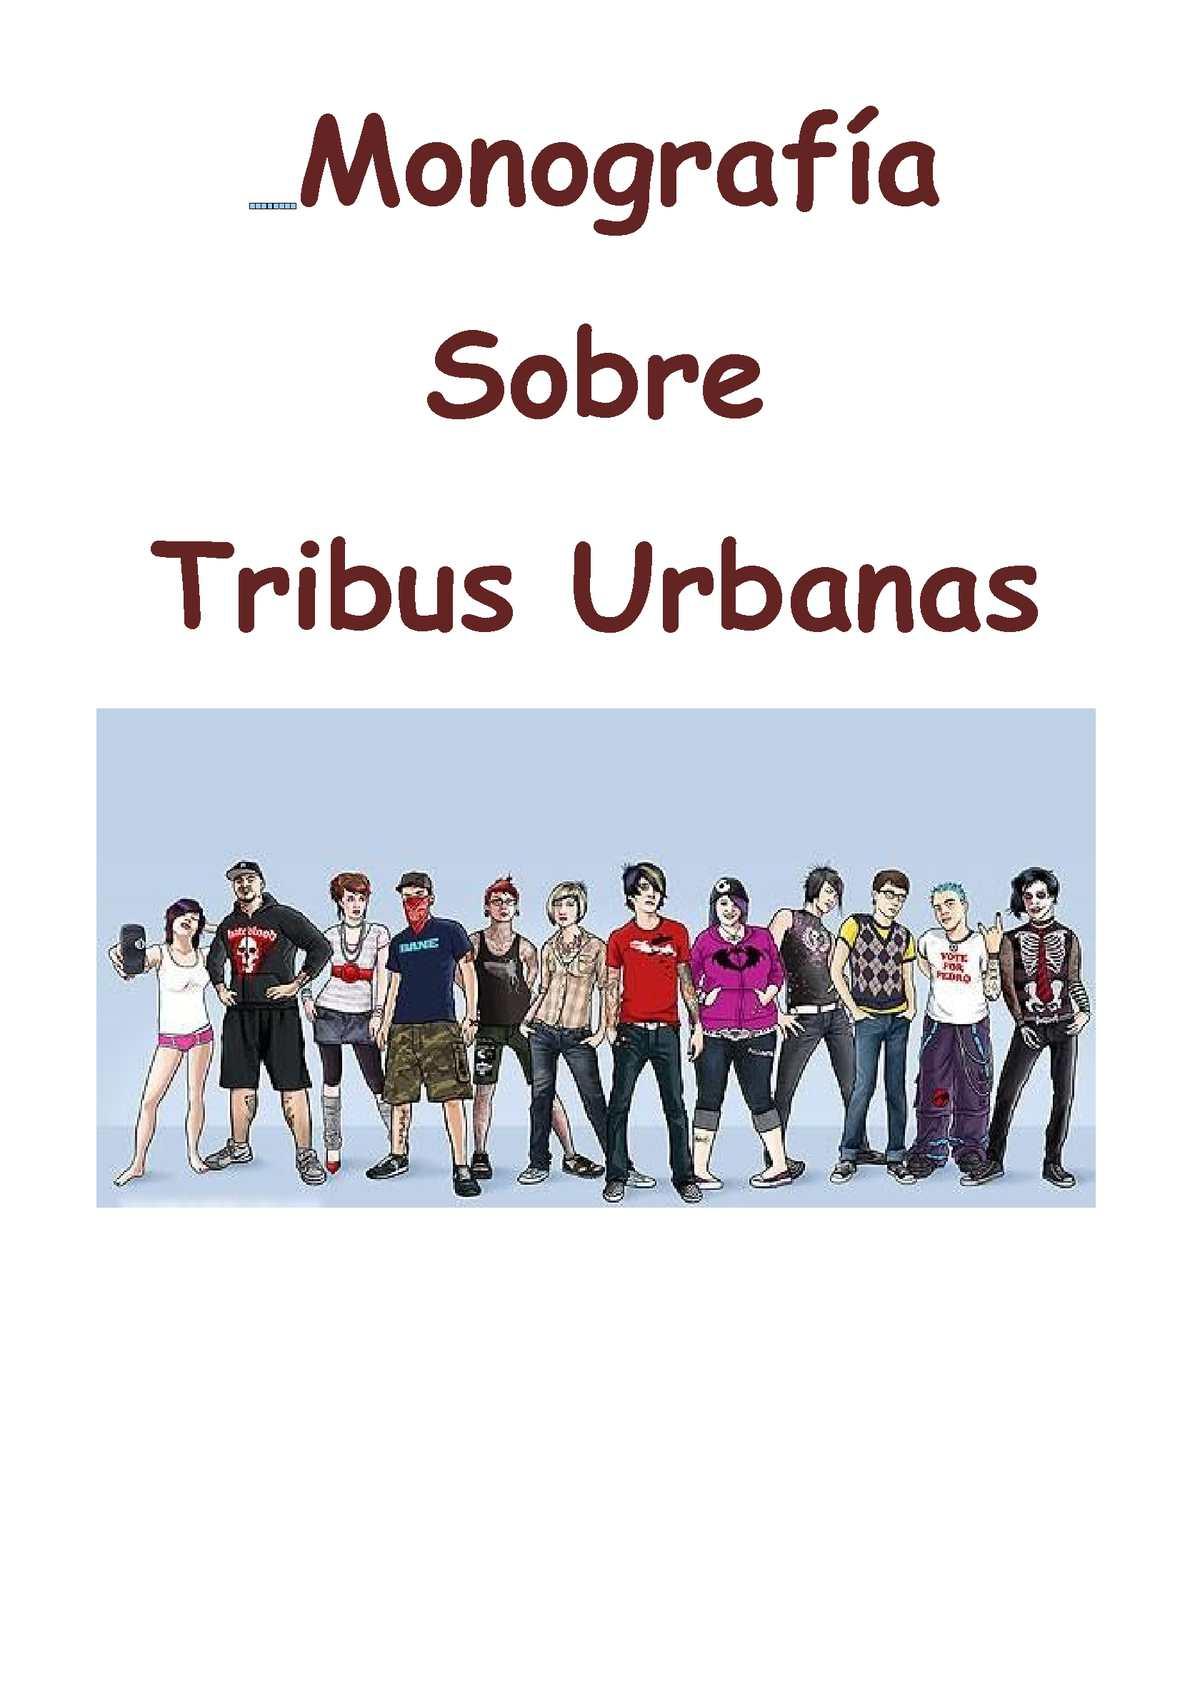 Monografia Sobre Tribus Urbanas